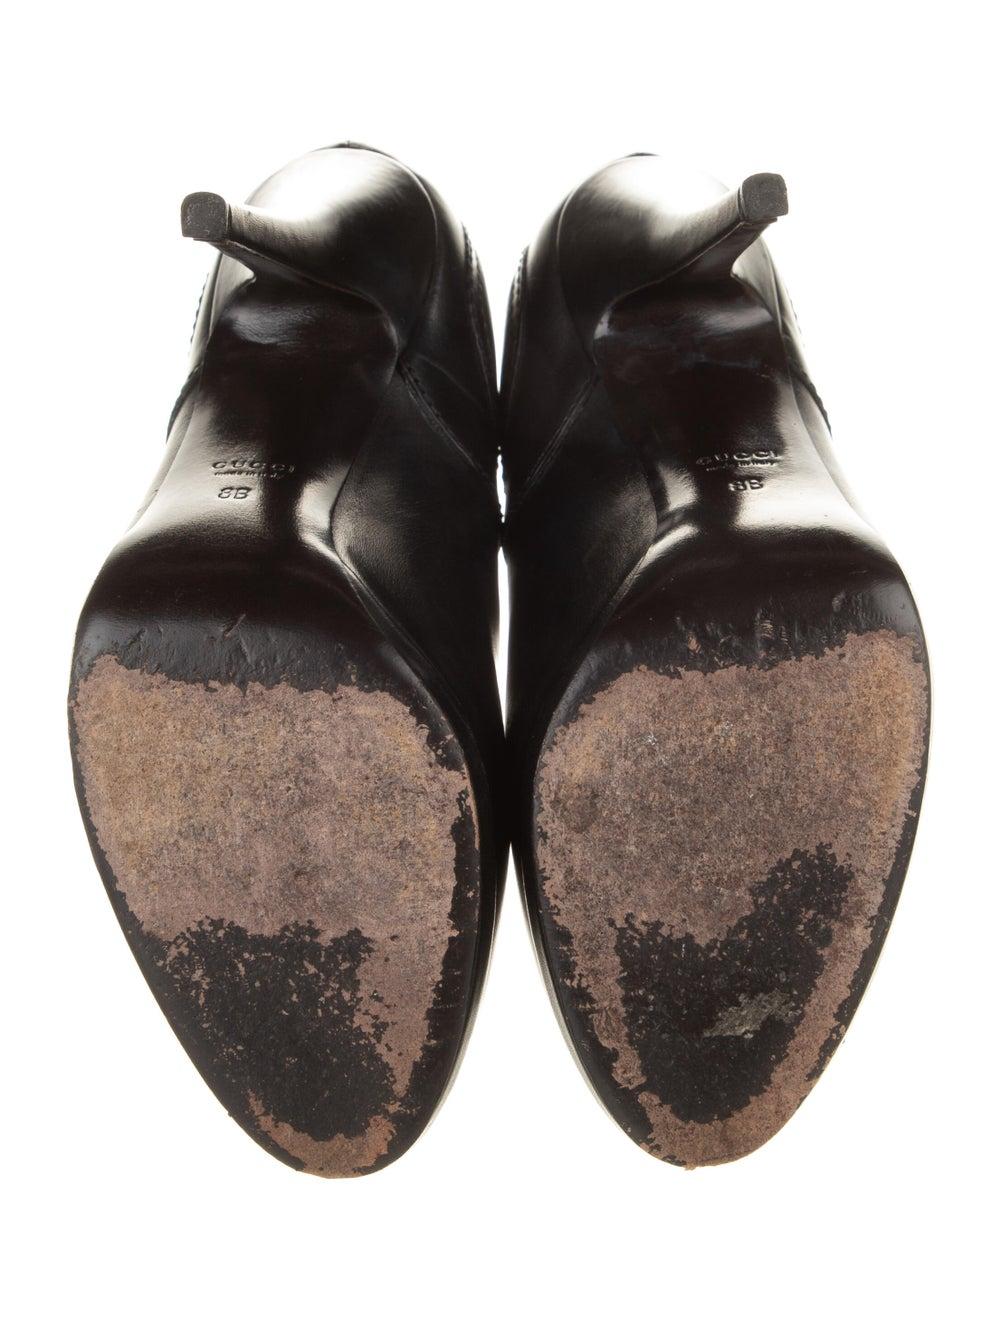 Gucci Diana Hysteria Accent Boots Black - image 5